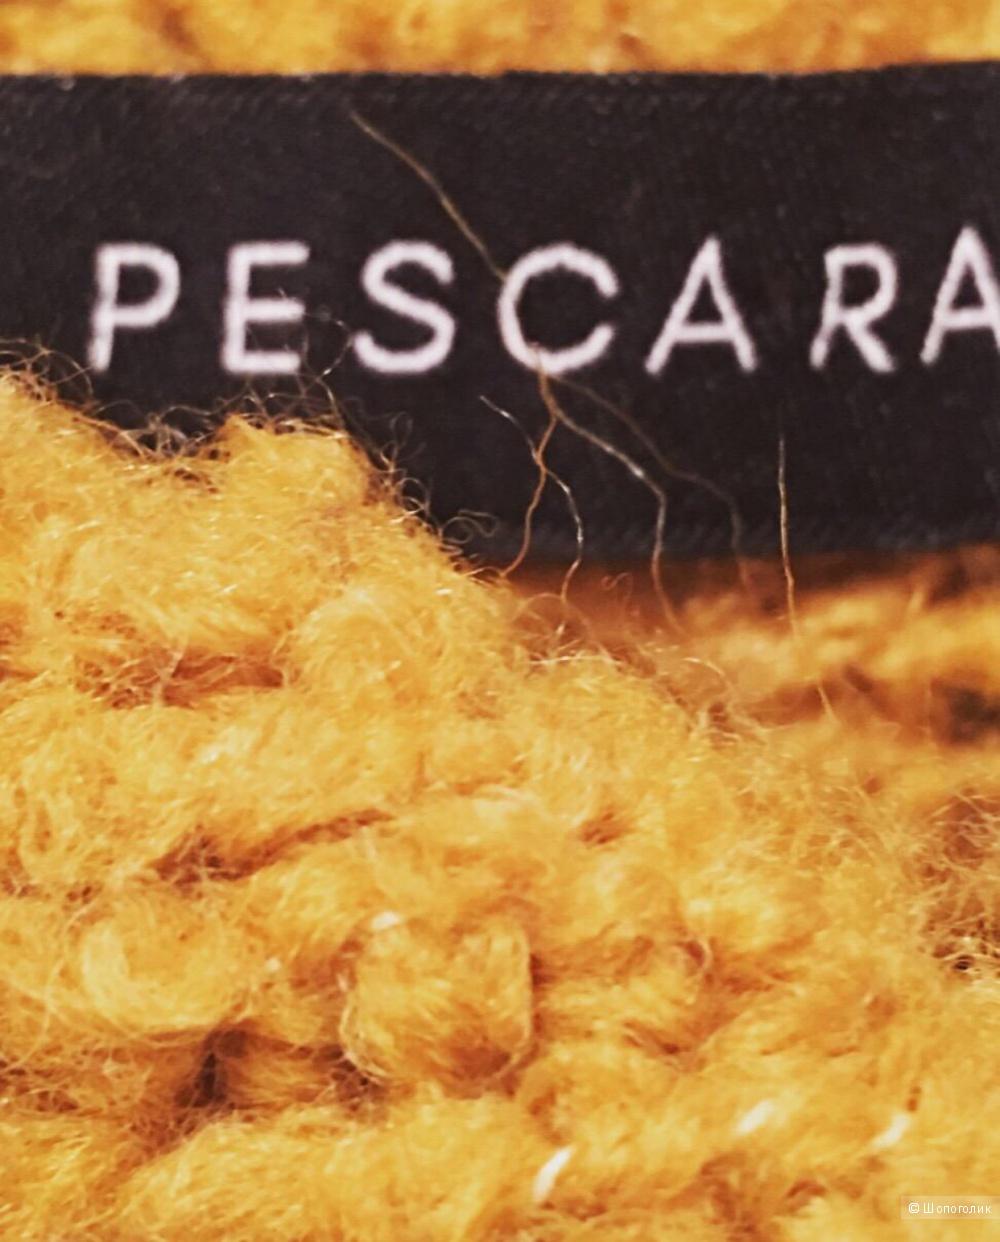 Кардиган Pescara. Размер S.